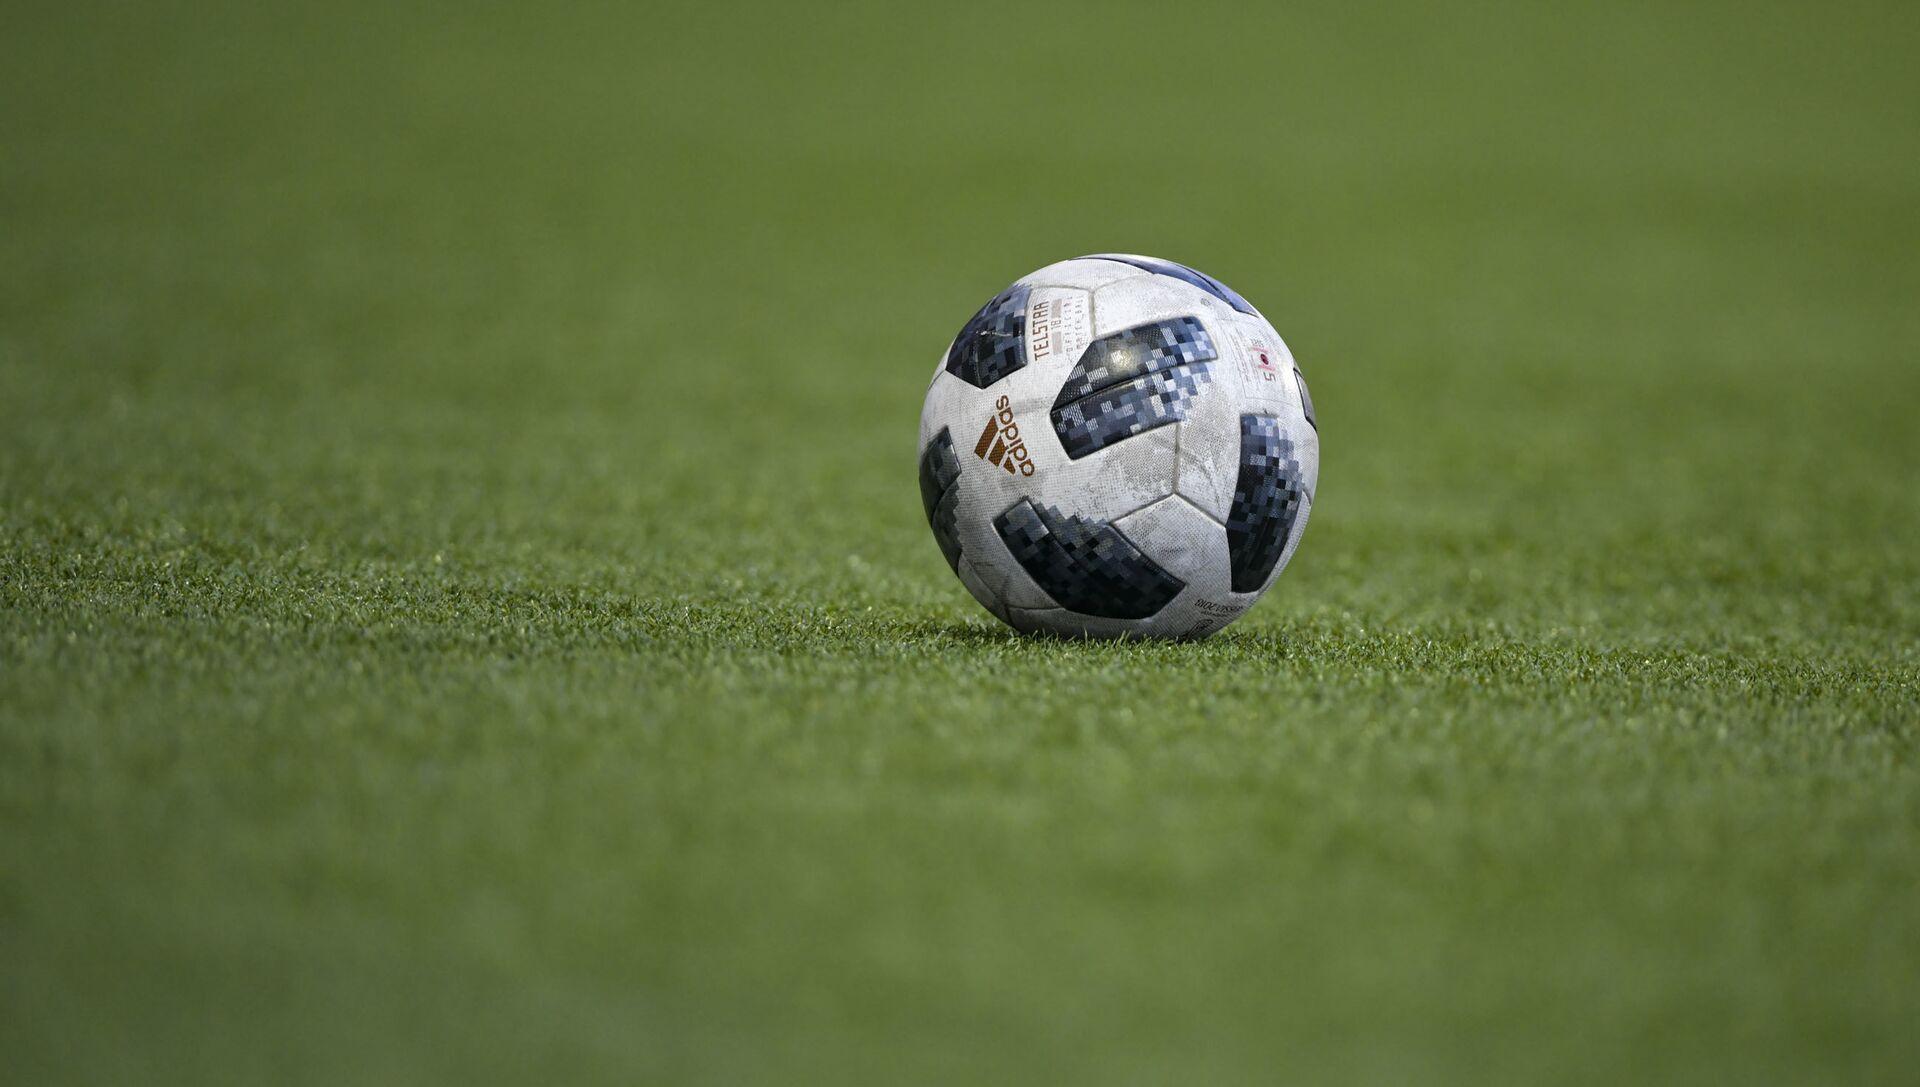 Футбольный мяч  - Sputnik Абхазия, 1920, 05.09.2021